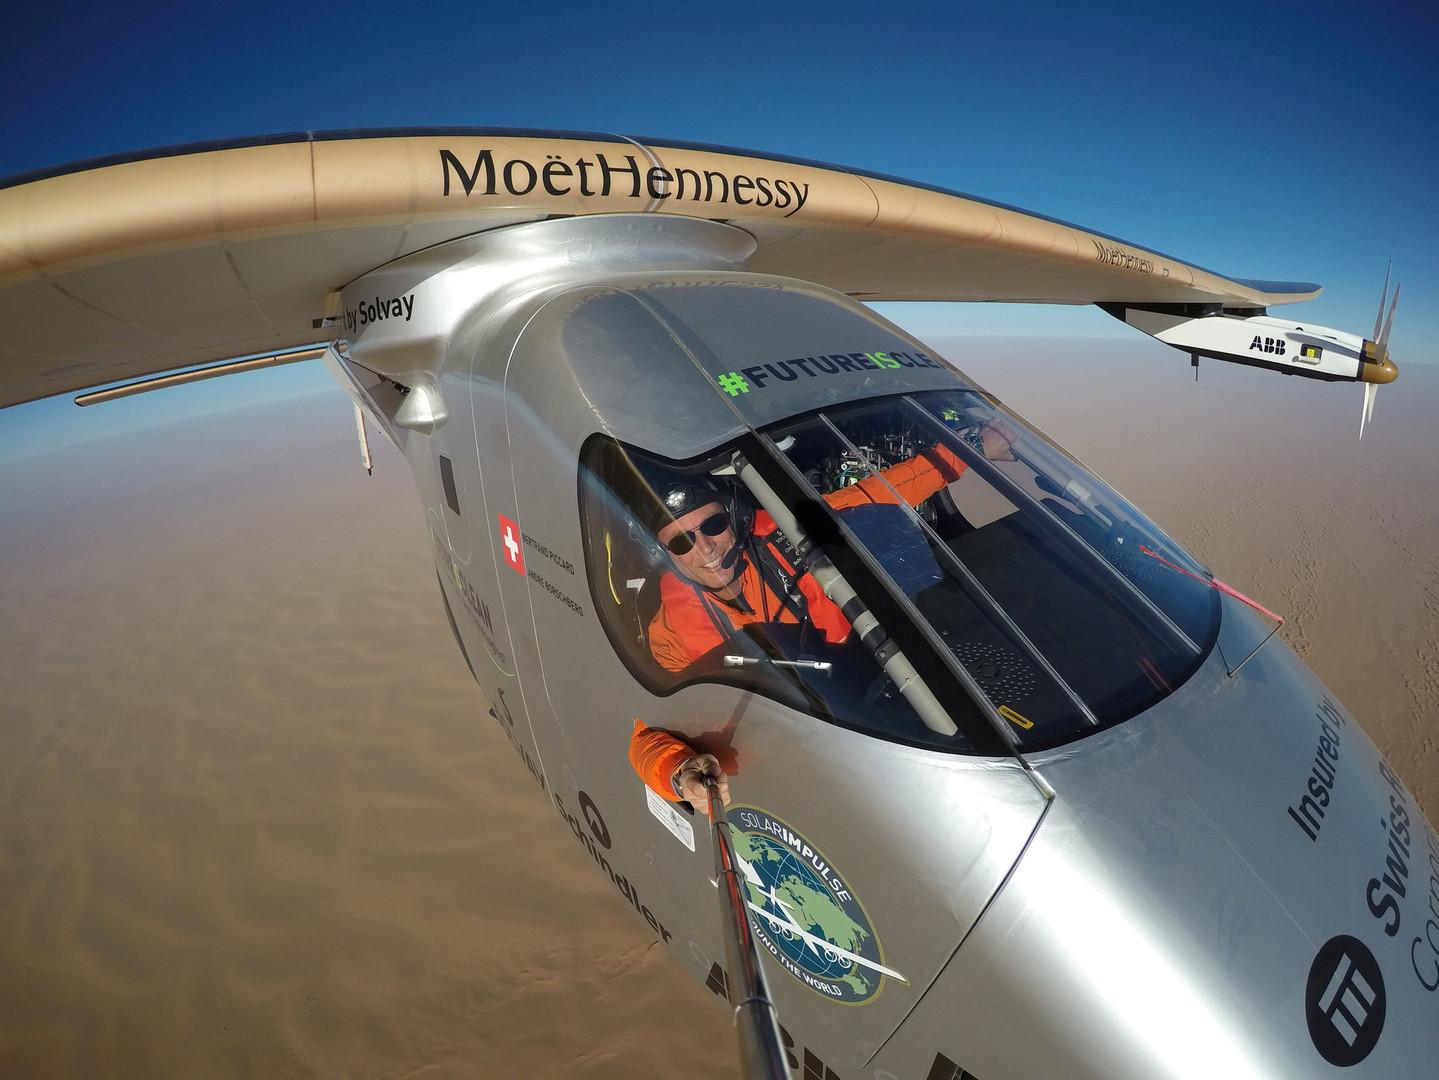 Селфи швейцарского пилота Бертрана Пикара во время кругосветного путешествия на самолёте Solar Impulse 2 над Аравийским полуостровом